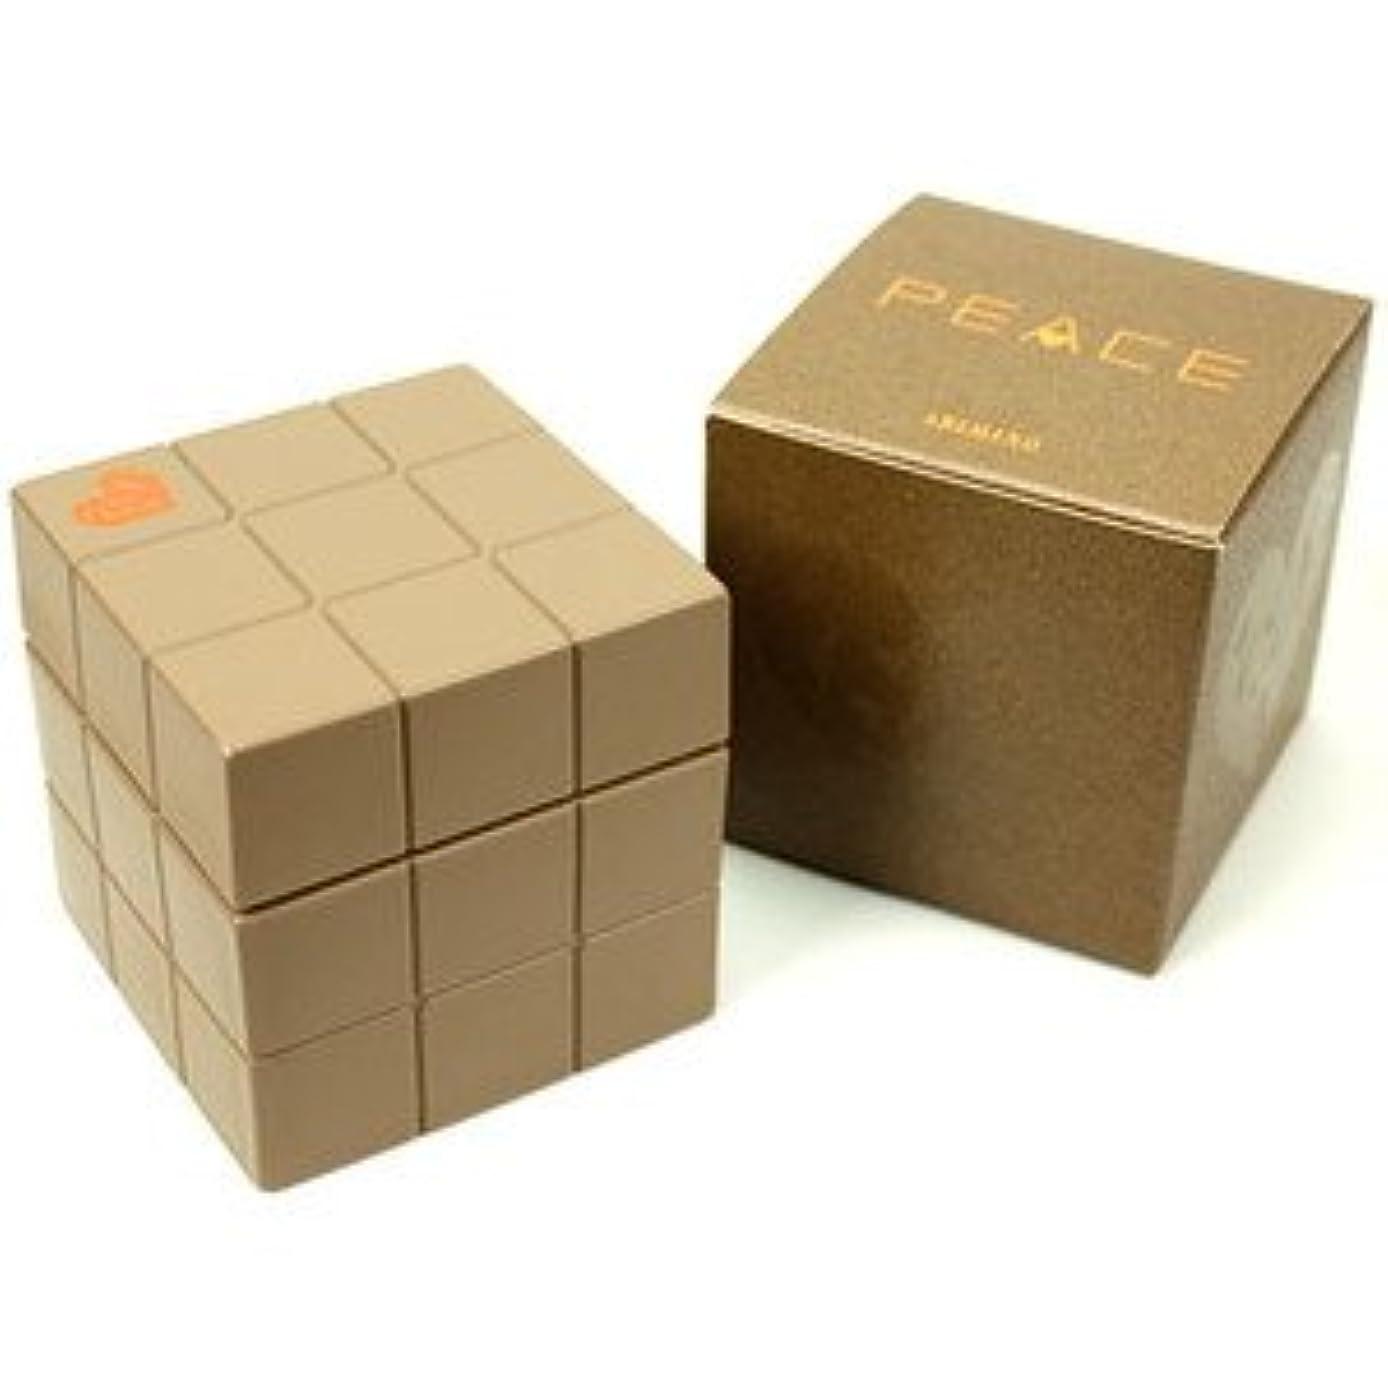 応用ショッキング簿記係アリミノ ピース ソフト wax (カフェオレ) 80g